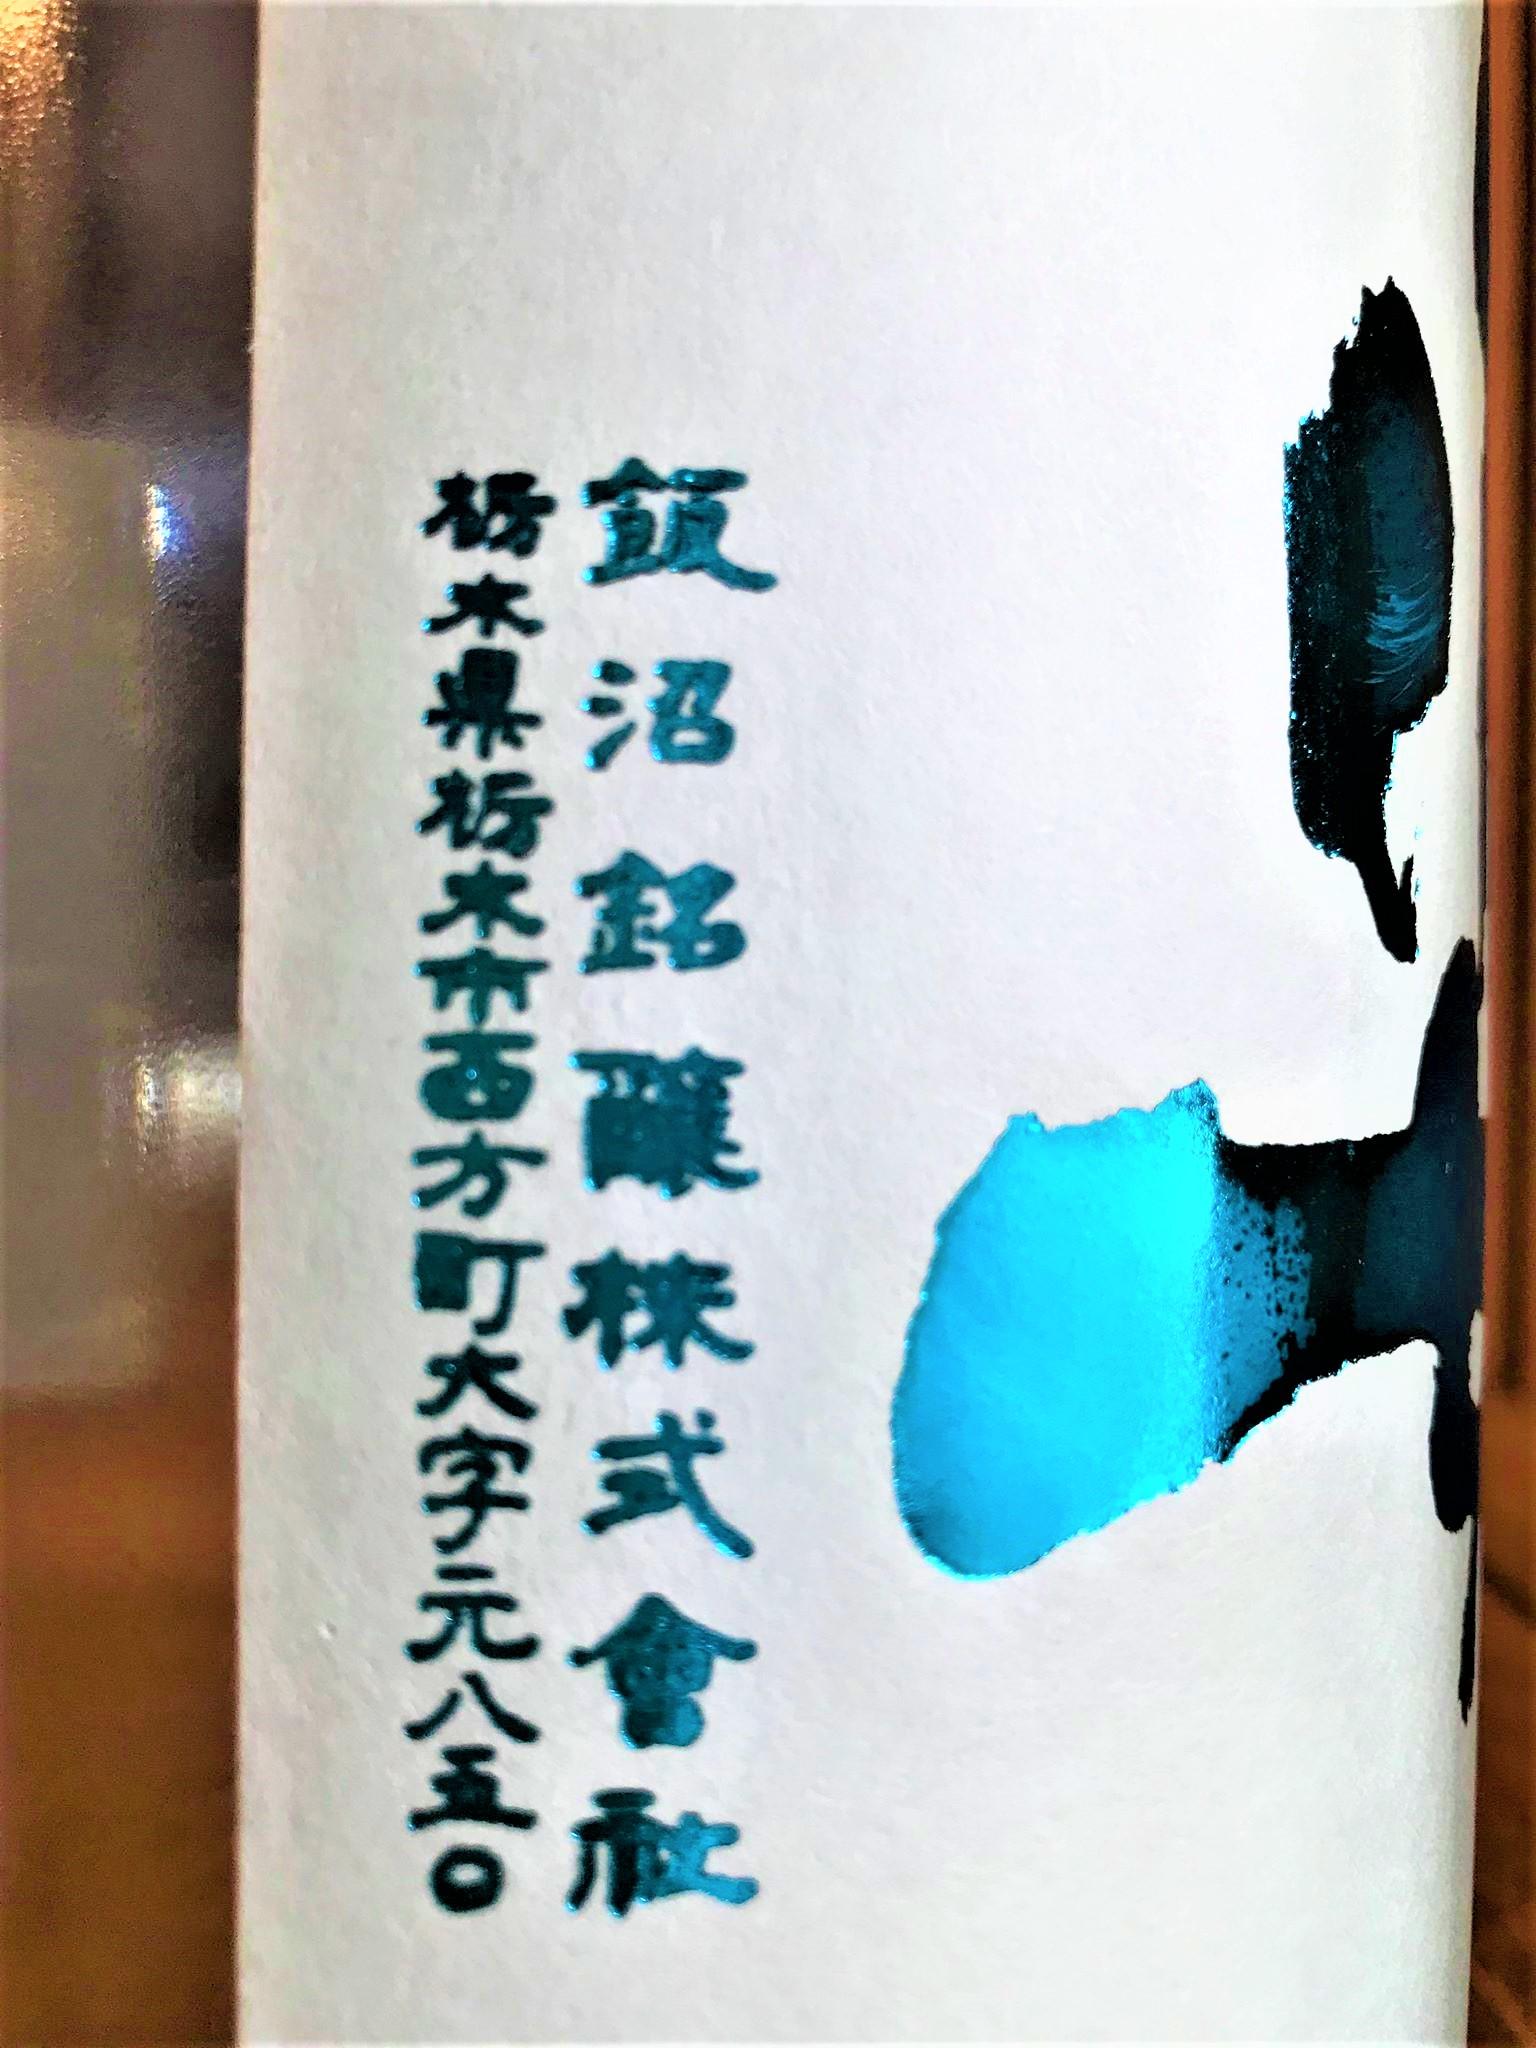 【日本酒】姿 浴衣すがた👘 夏の特別純米生酒 北海道産吟風仕込み Sexy Blue Summer 限定 30BY🆕_e0173738_117478.jpg